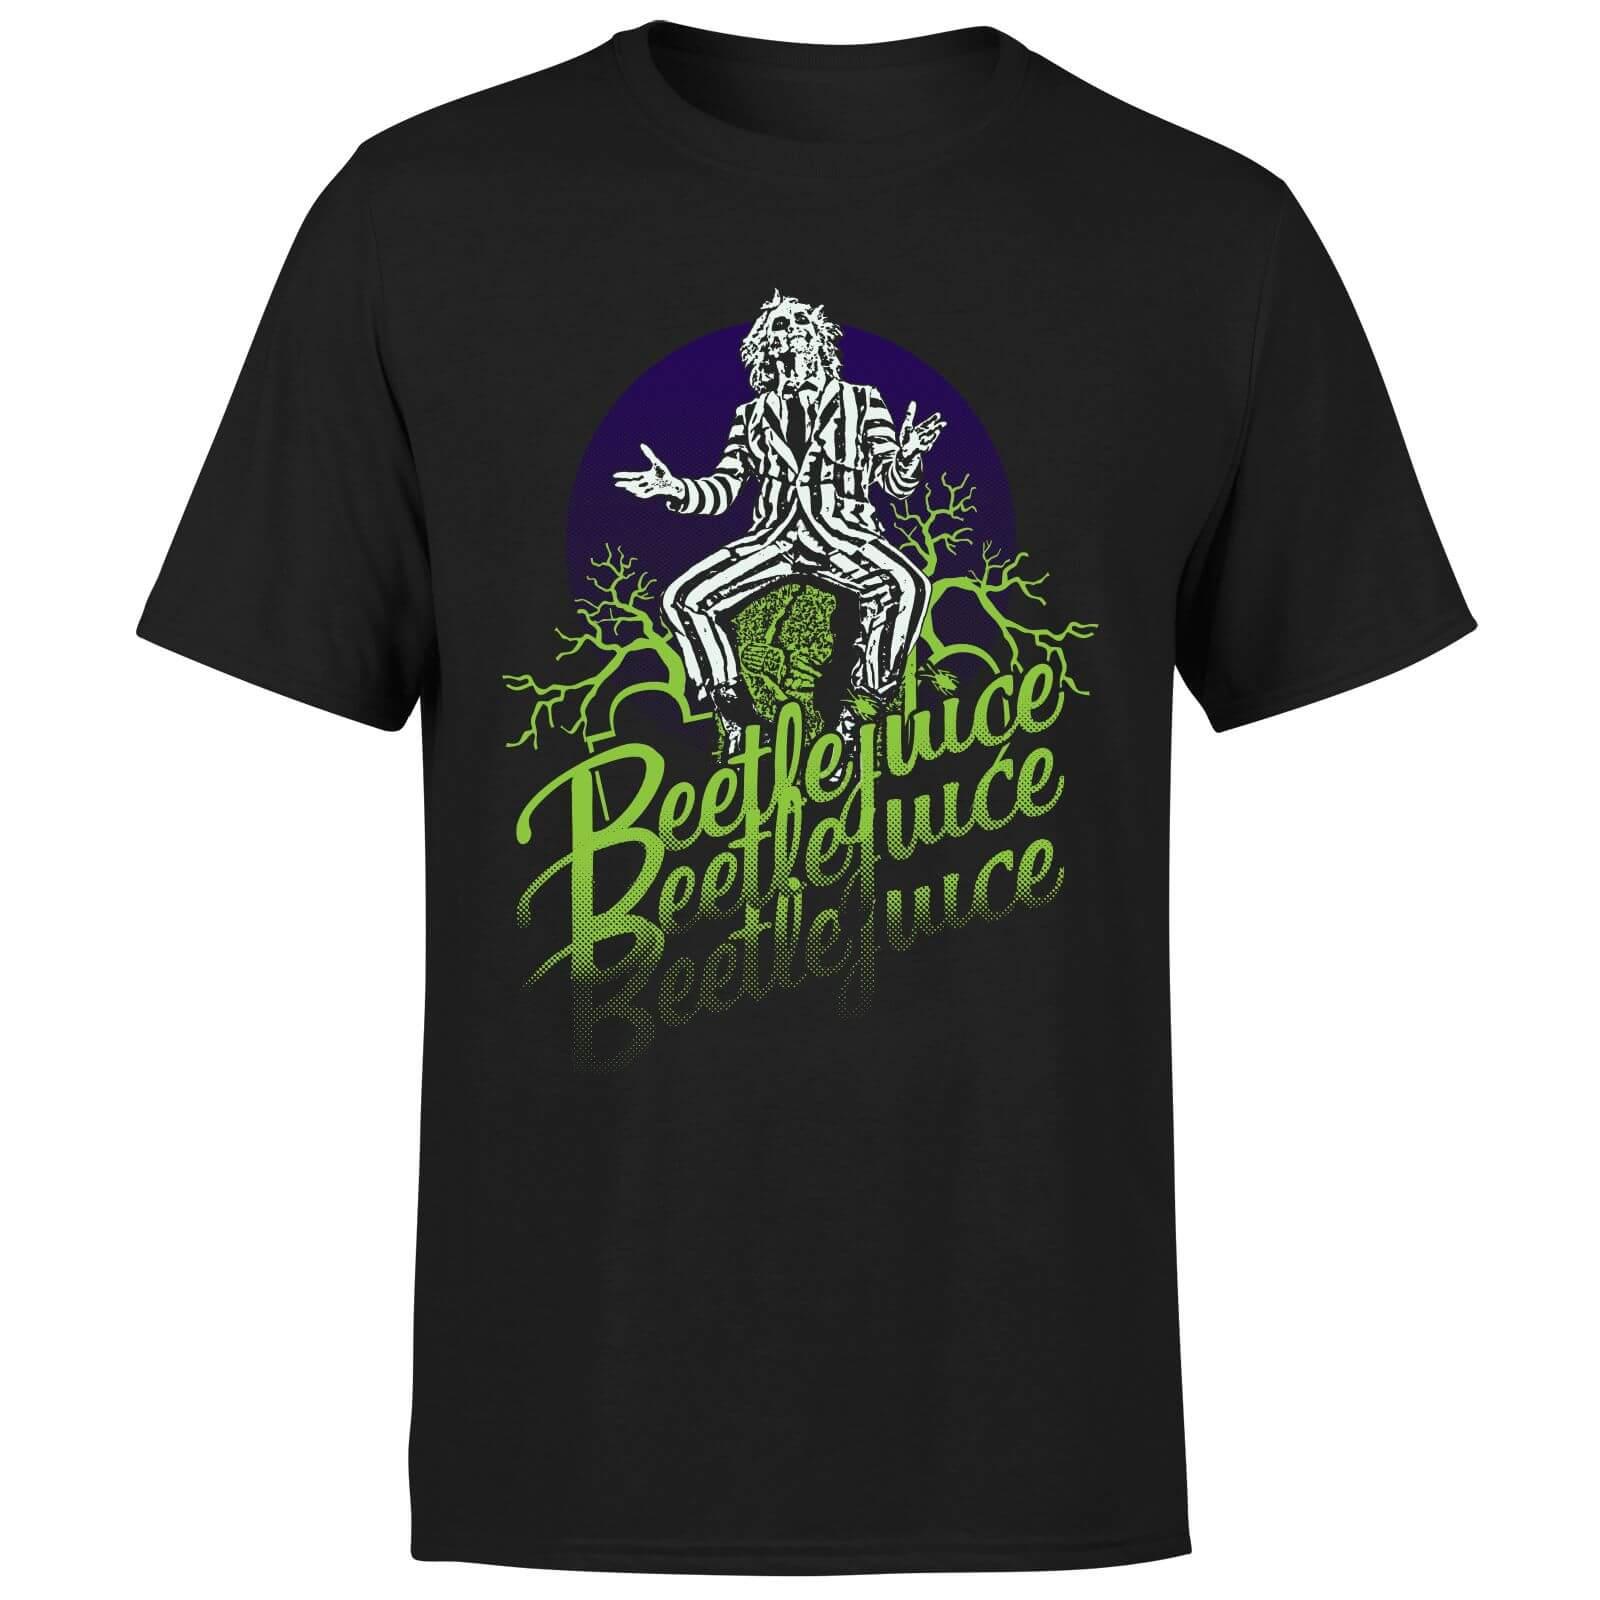 Beetlejuice T-Shirt Homme Beetlejuice Abîmé - Noir - L - Noir